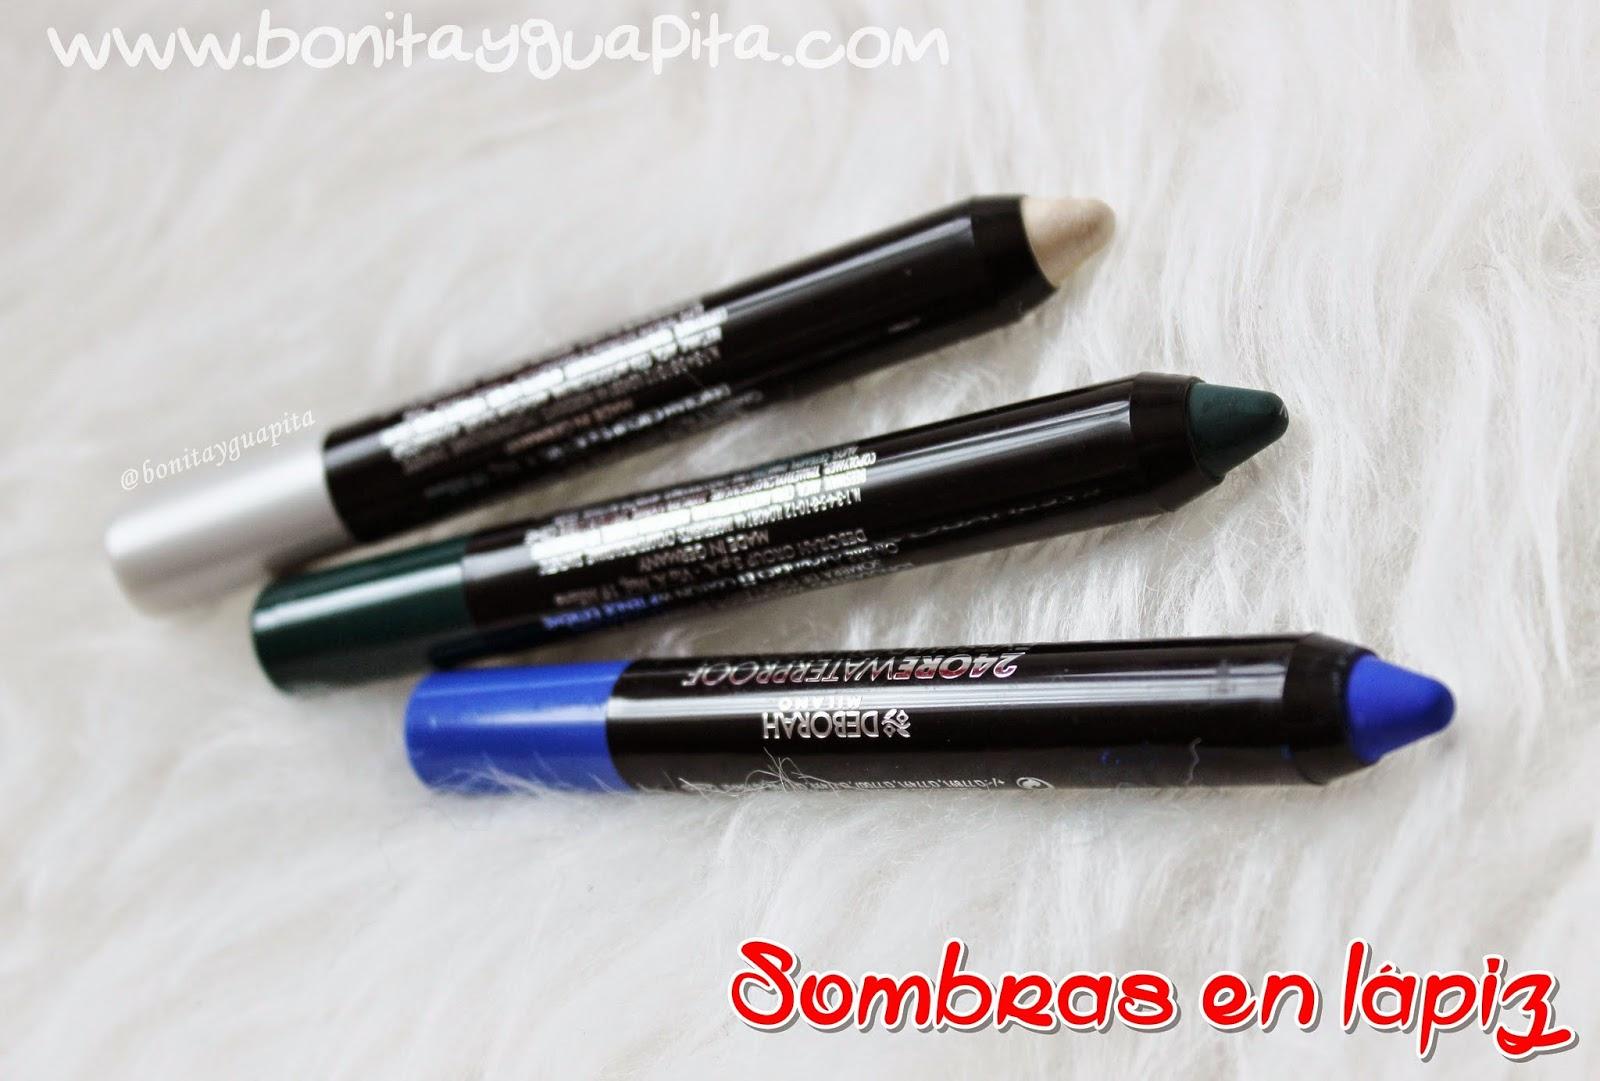 24 ore waterproof eyeshadow & pencil 01 08 09